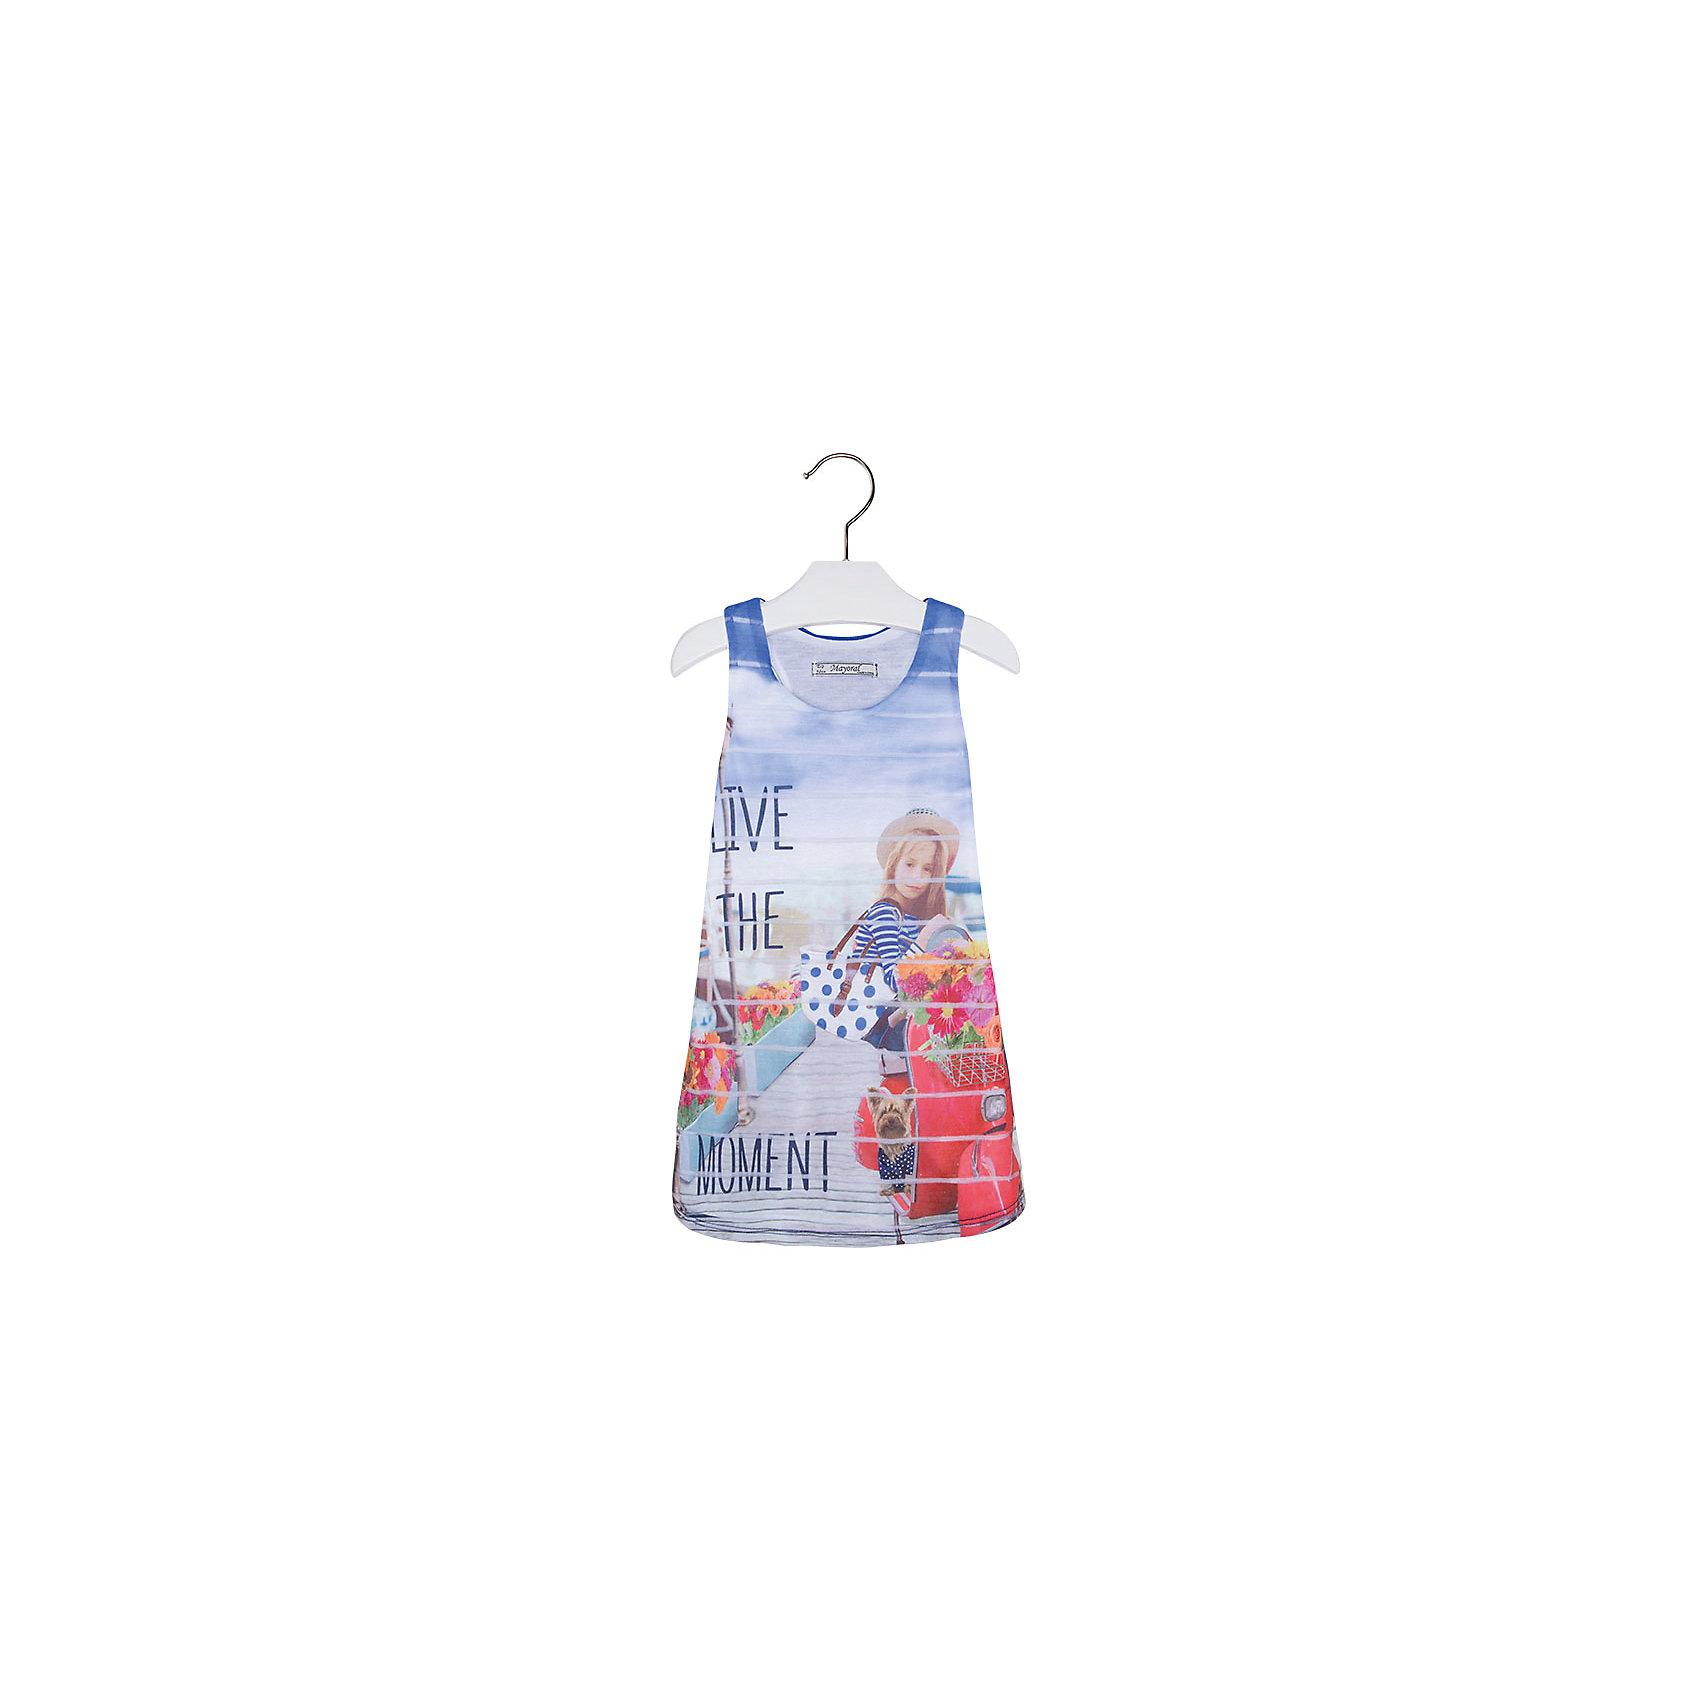 Платье для девочки MayoralПлатье для девочки от известной испанской марки Mayoral <br><br>Легкое и стильное платье-майка  от Mayoral разнообразит летний гардероб девочки. Выглядит оно очень модно и оригинально. Модель выполнена из качественных материалов, отлично сидит по фигуре.<br><br>Особенности модели:<br><br>- цвет: голубой;<br>- впереди декорировано принтом;<br>- сзади - рюшами.<br><br>Дополнительная информация:<br><br>Состав: 100% полиэстер<br>Платье для девочки Mayoral (Майорал) можно купить в нашем магазине.<br><br>Ширина мм: 236<br>Глубина мм: 16<br>Высота мм: 184<br>Вес г: 177<br>Цвет: синий<br>Возраст от месяцев: 24<br>Возраст до месяцев: 36<br>Пол: Женский<br>Возраст: Детский<br>Размер: 104,98,116,134,128,110,122<br>SKU: 4543255